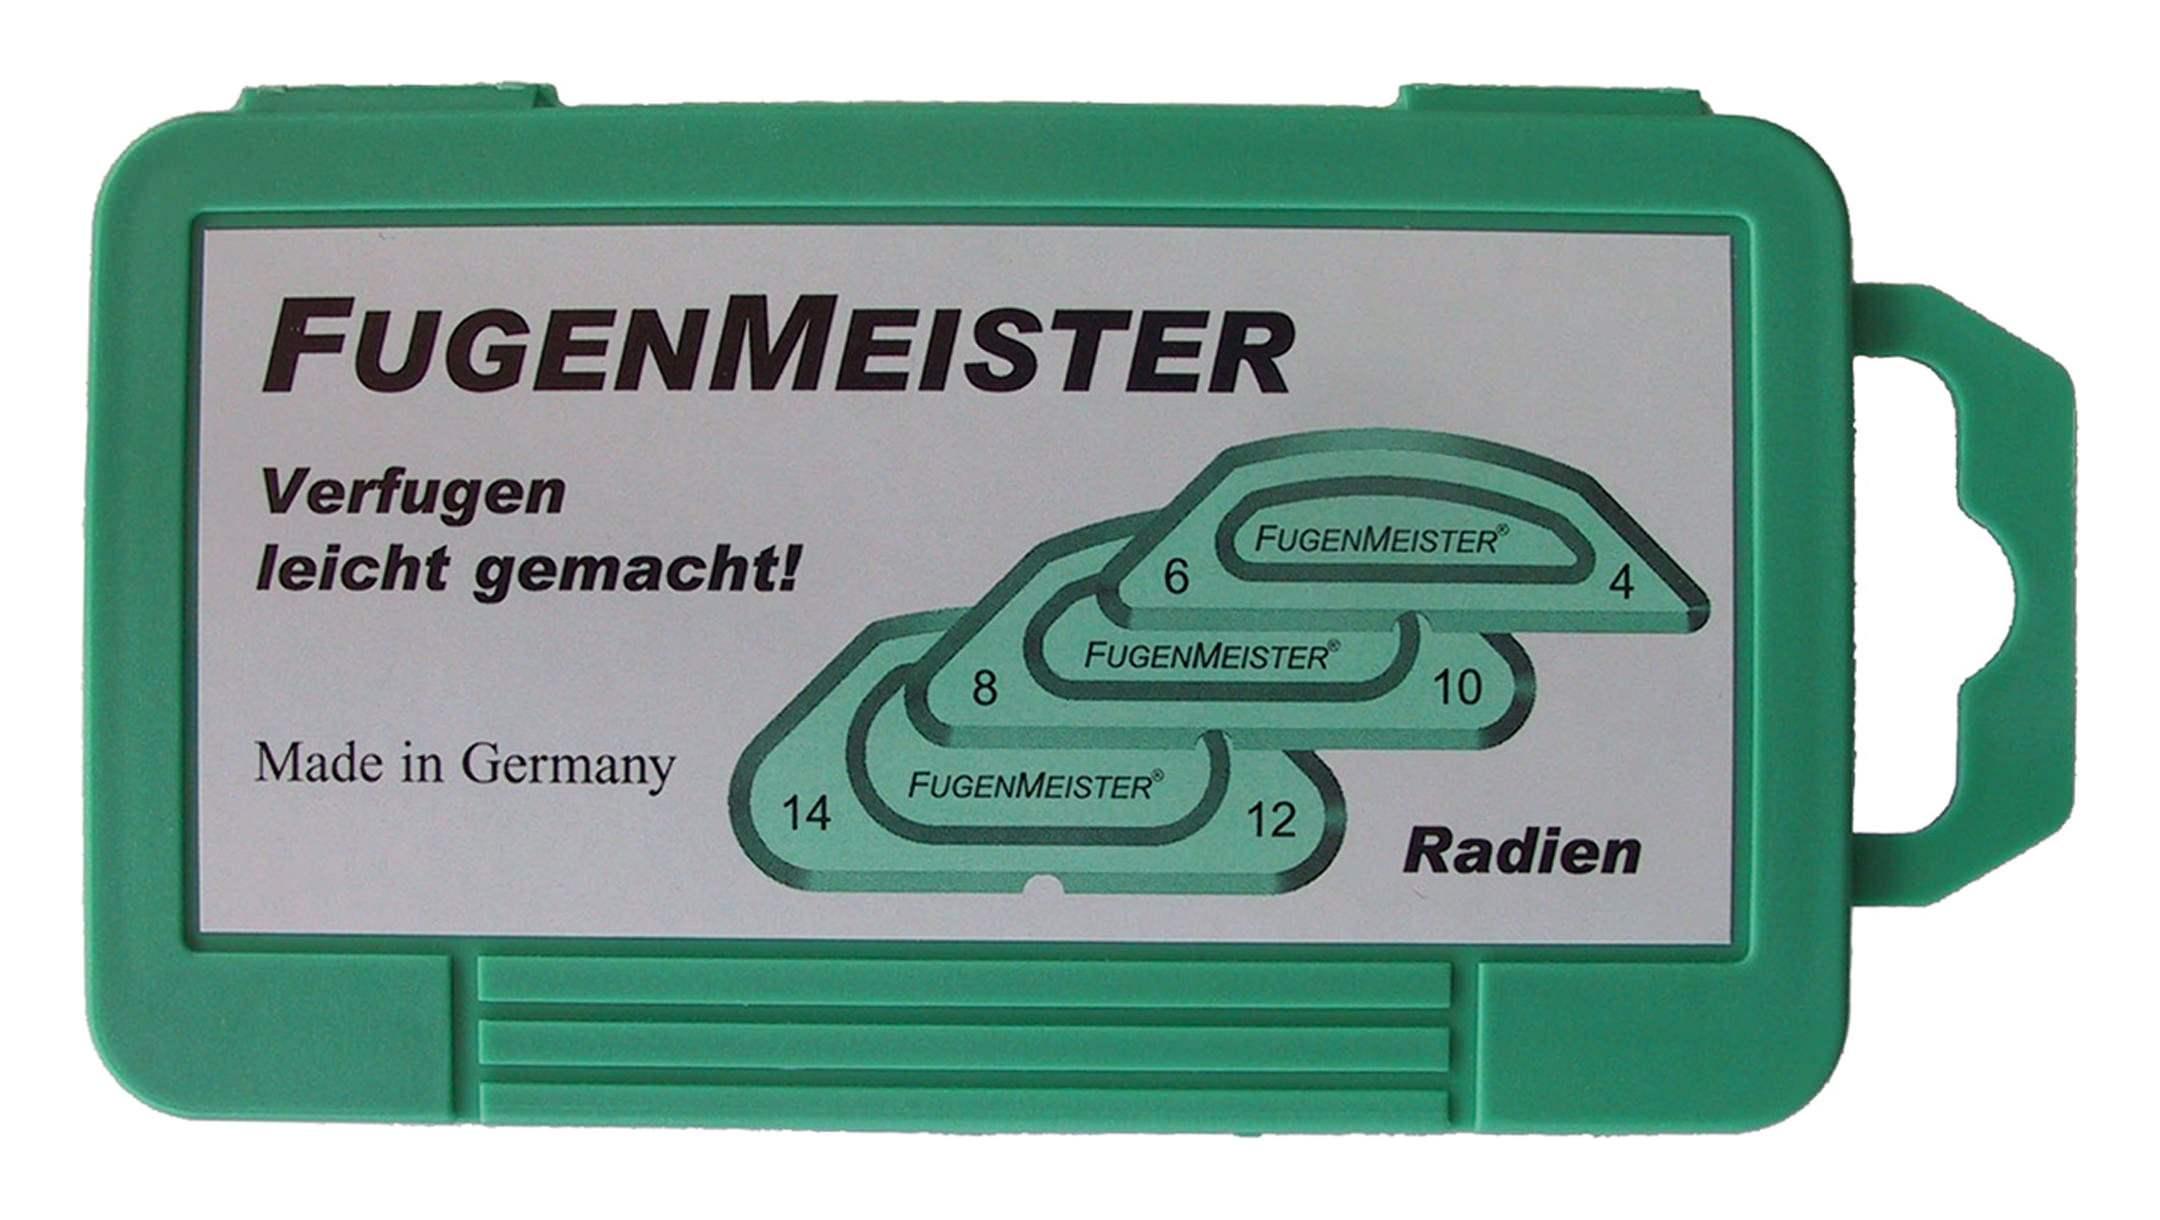 H&H Fugenmeister Radien - R-03